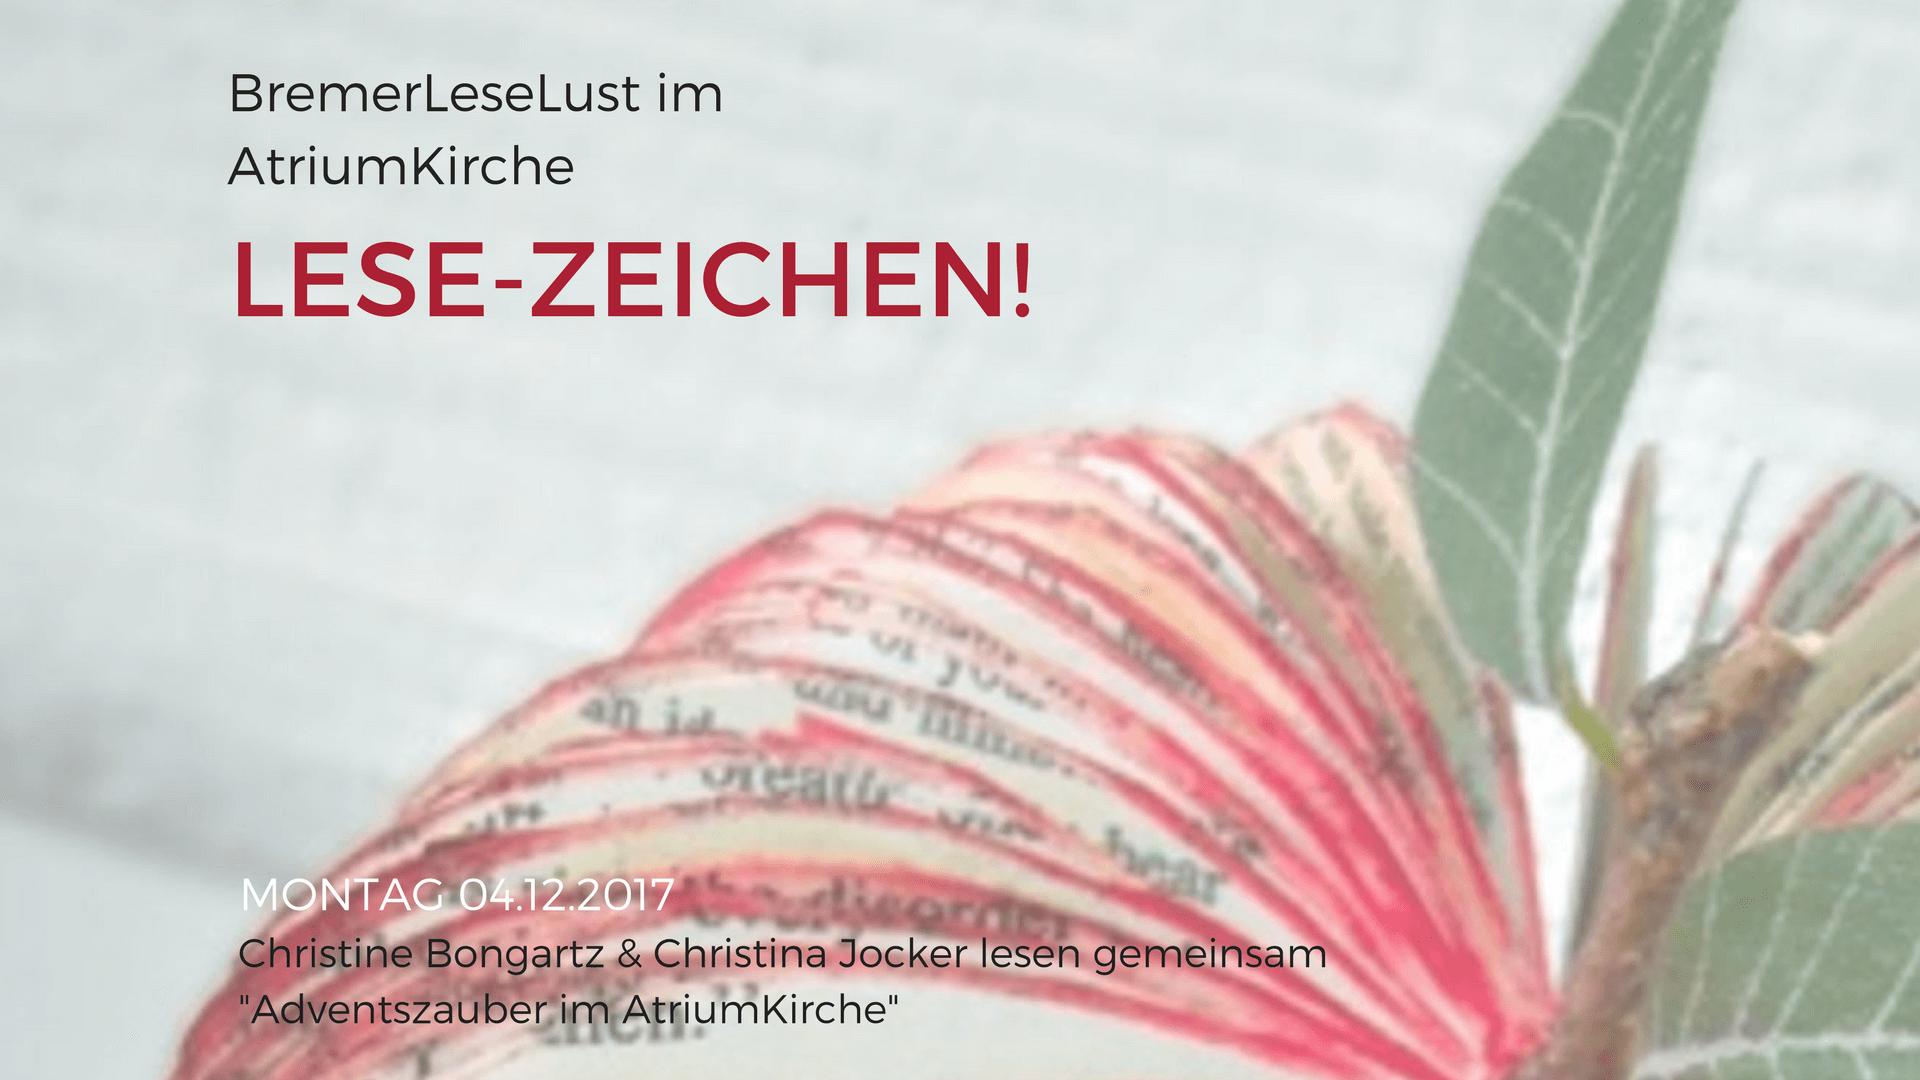 LESE-ZEICHEN ist eine Vorlesungsreihe mit Christine Bongartz und Christina Jocker